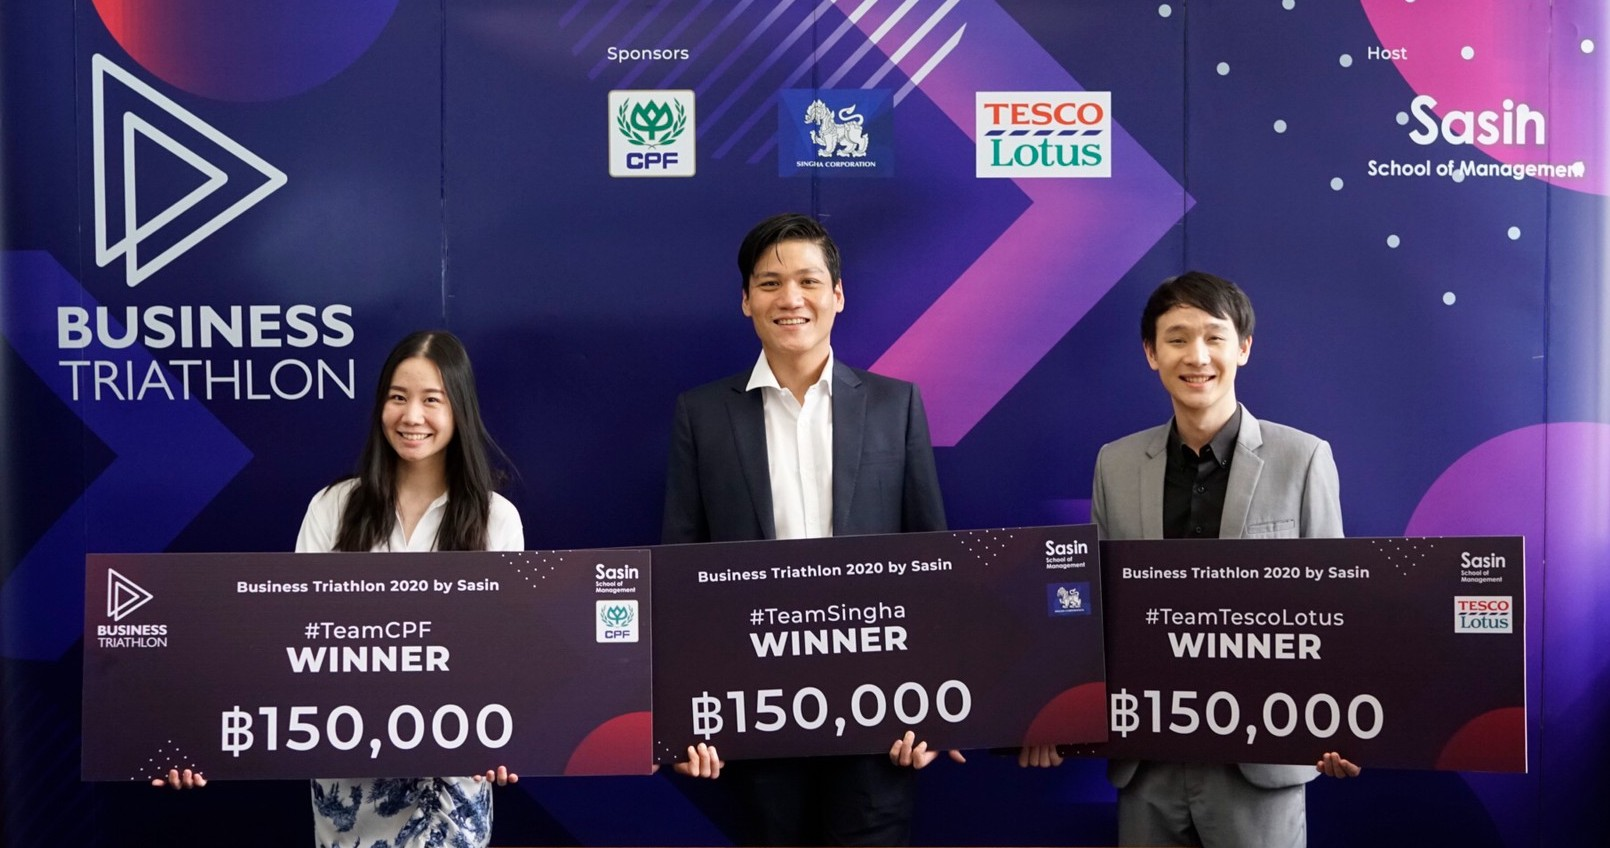 ผู้ชนะการแข่งขัน Business Triathlon 2020 by Sasin โครงการแข่งขันการเรียนรู้เชิงปฏิบัติจริงสำหรับนักศึกษาปริญญาตรี